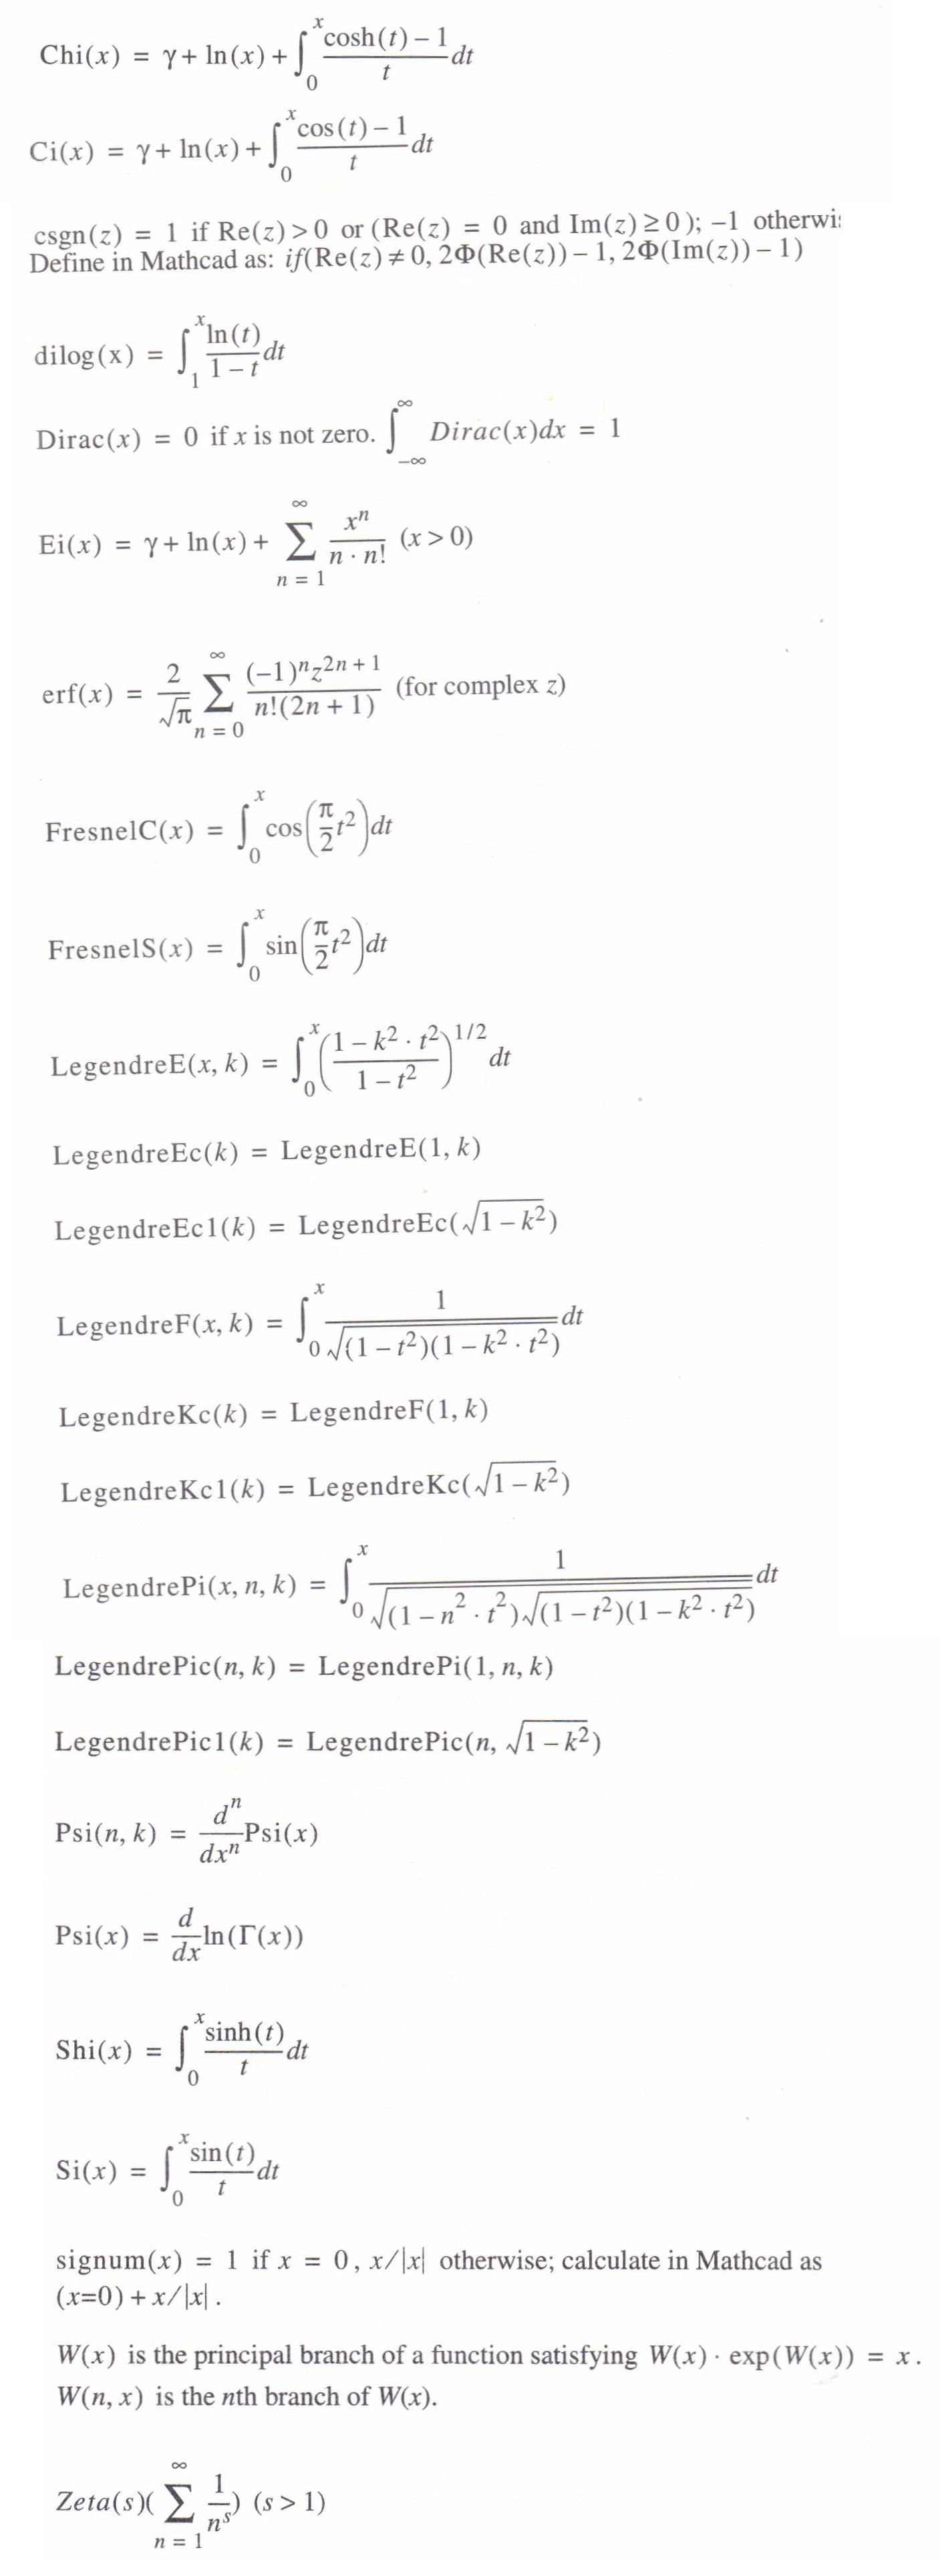 free методические указания к выполнению контрольной работы 1 раздел механика по дисциплине физика для направления 350306 агроинженерия профиль технический сервис в агропромышленном